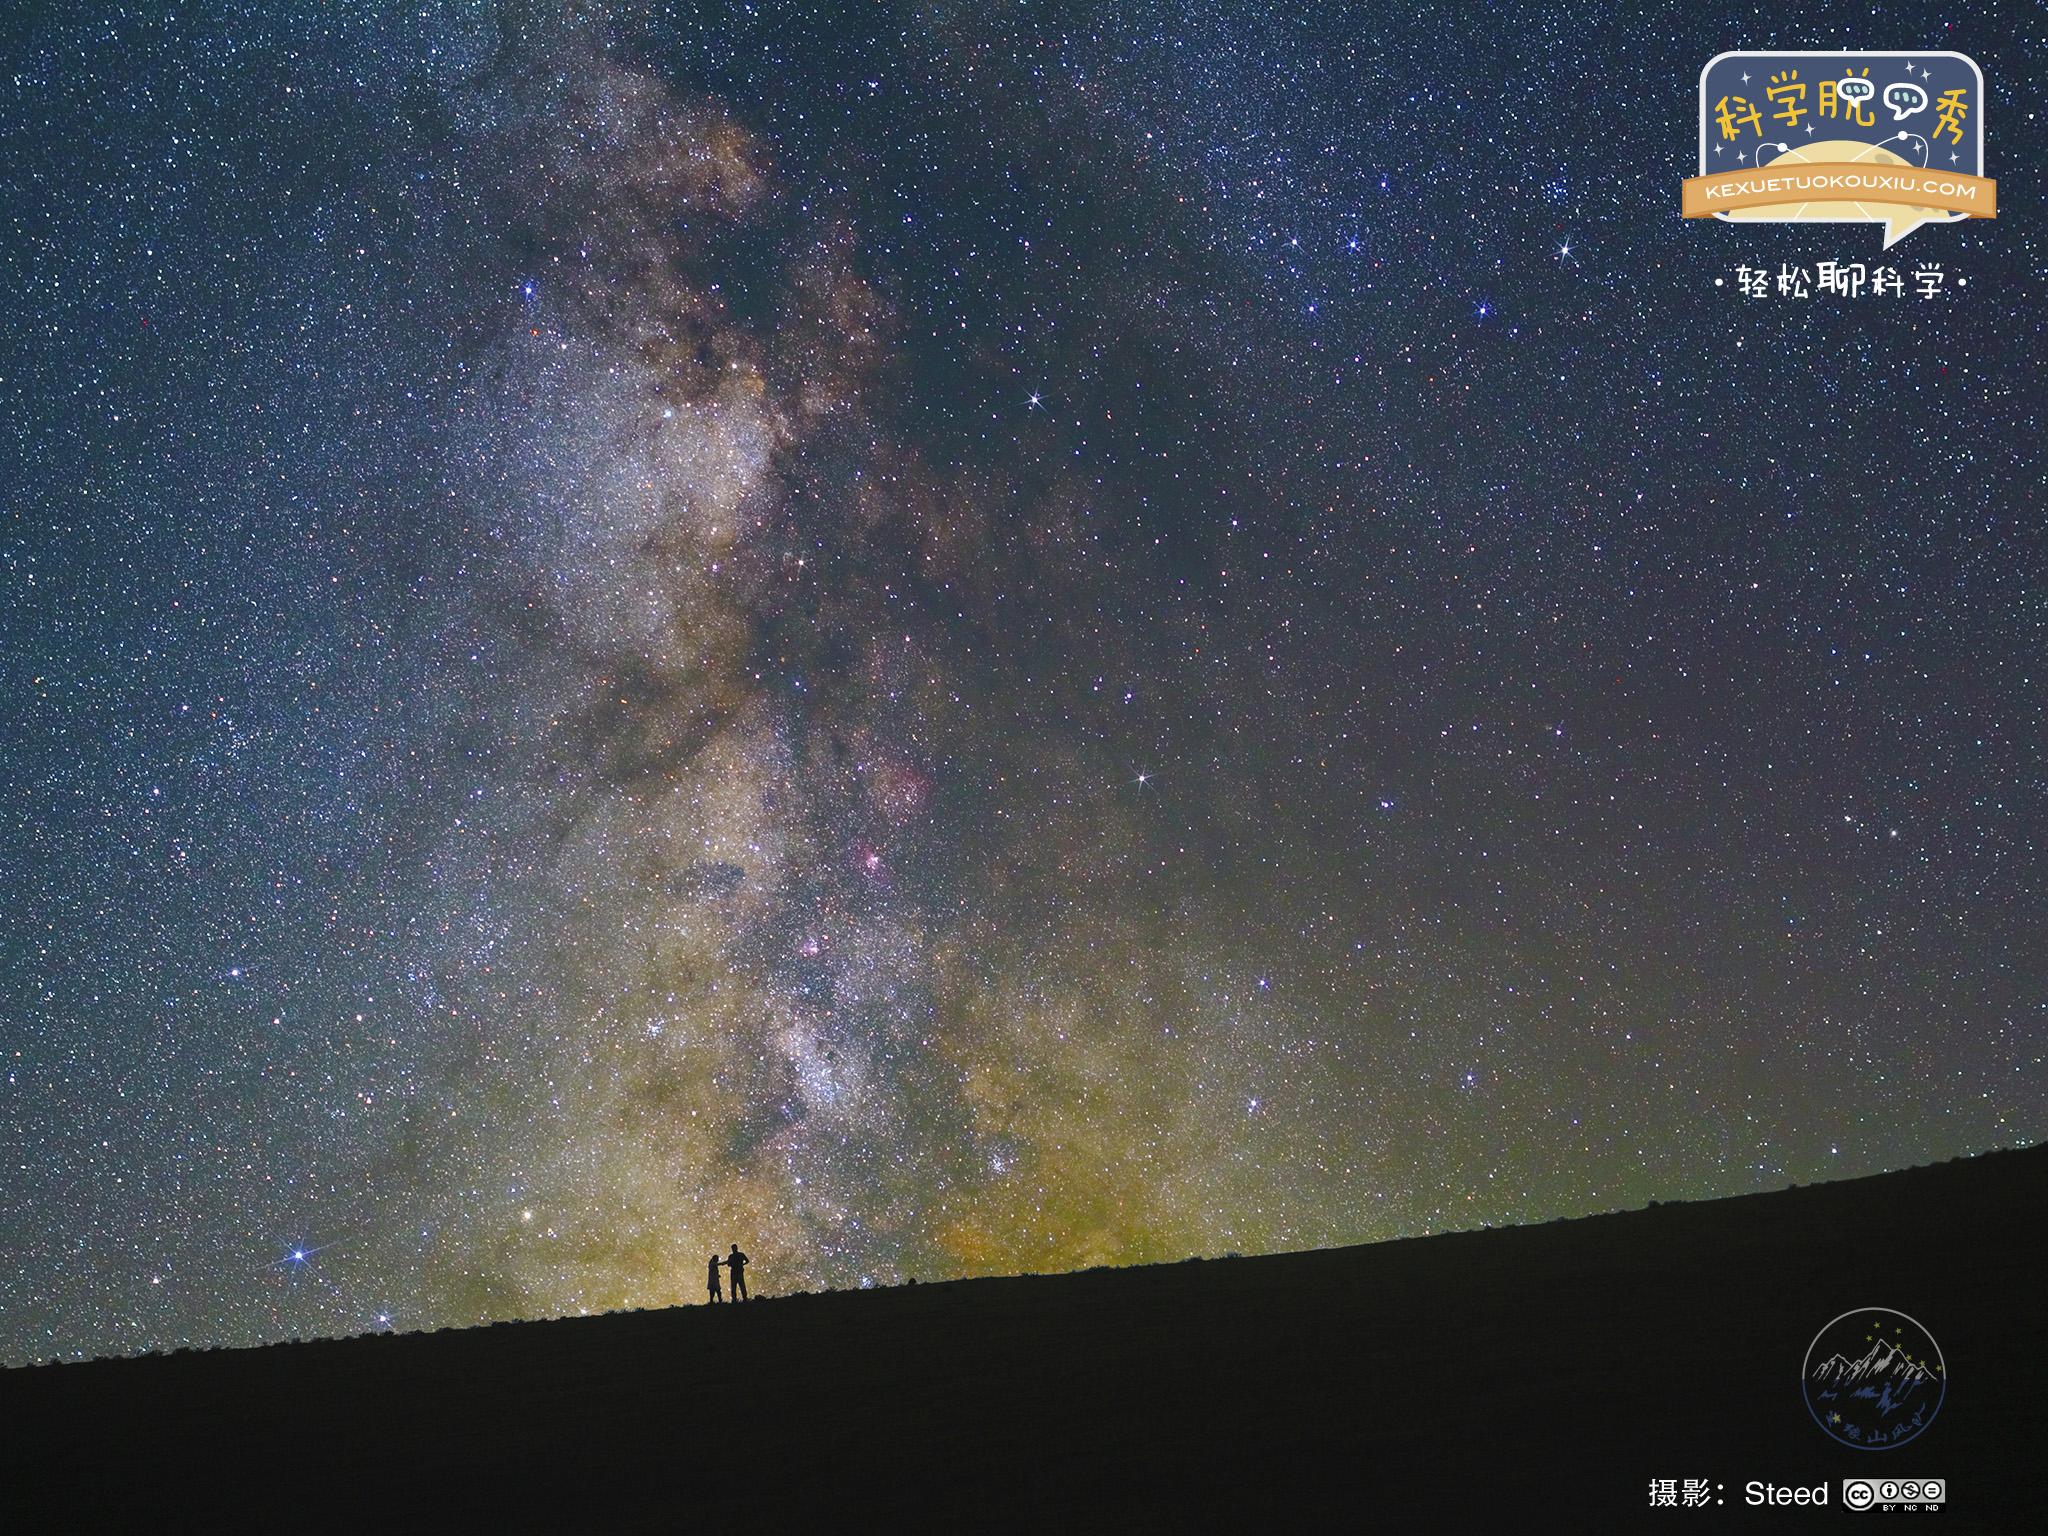 背景 壁纸 皮肤 星空 宇宙 桌面 2048_1536图片